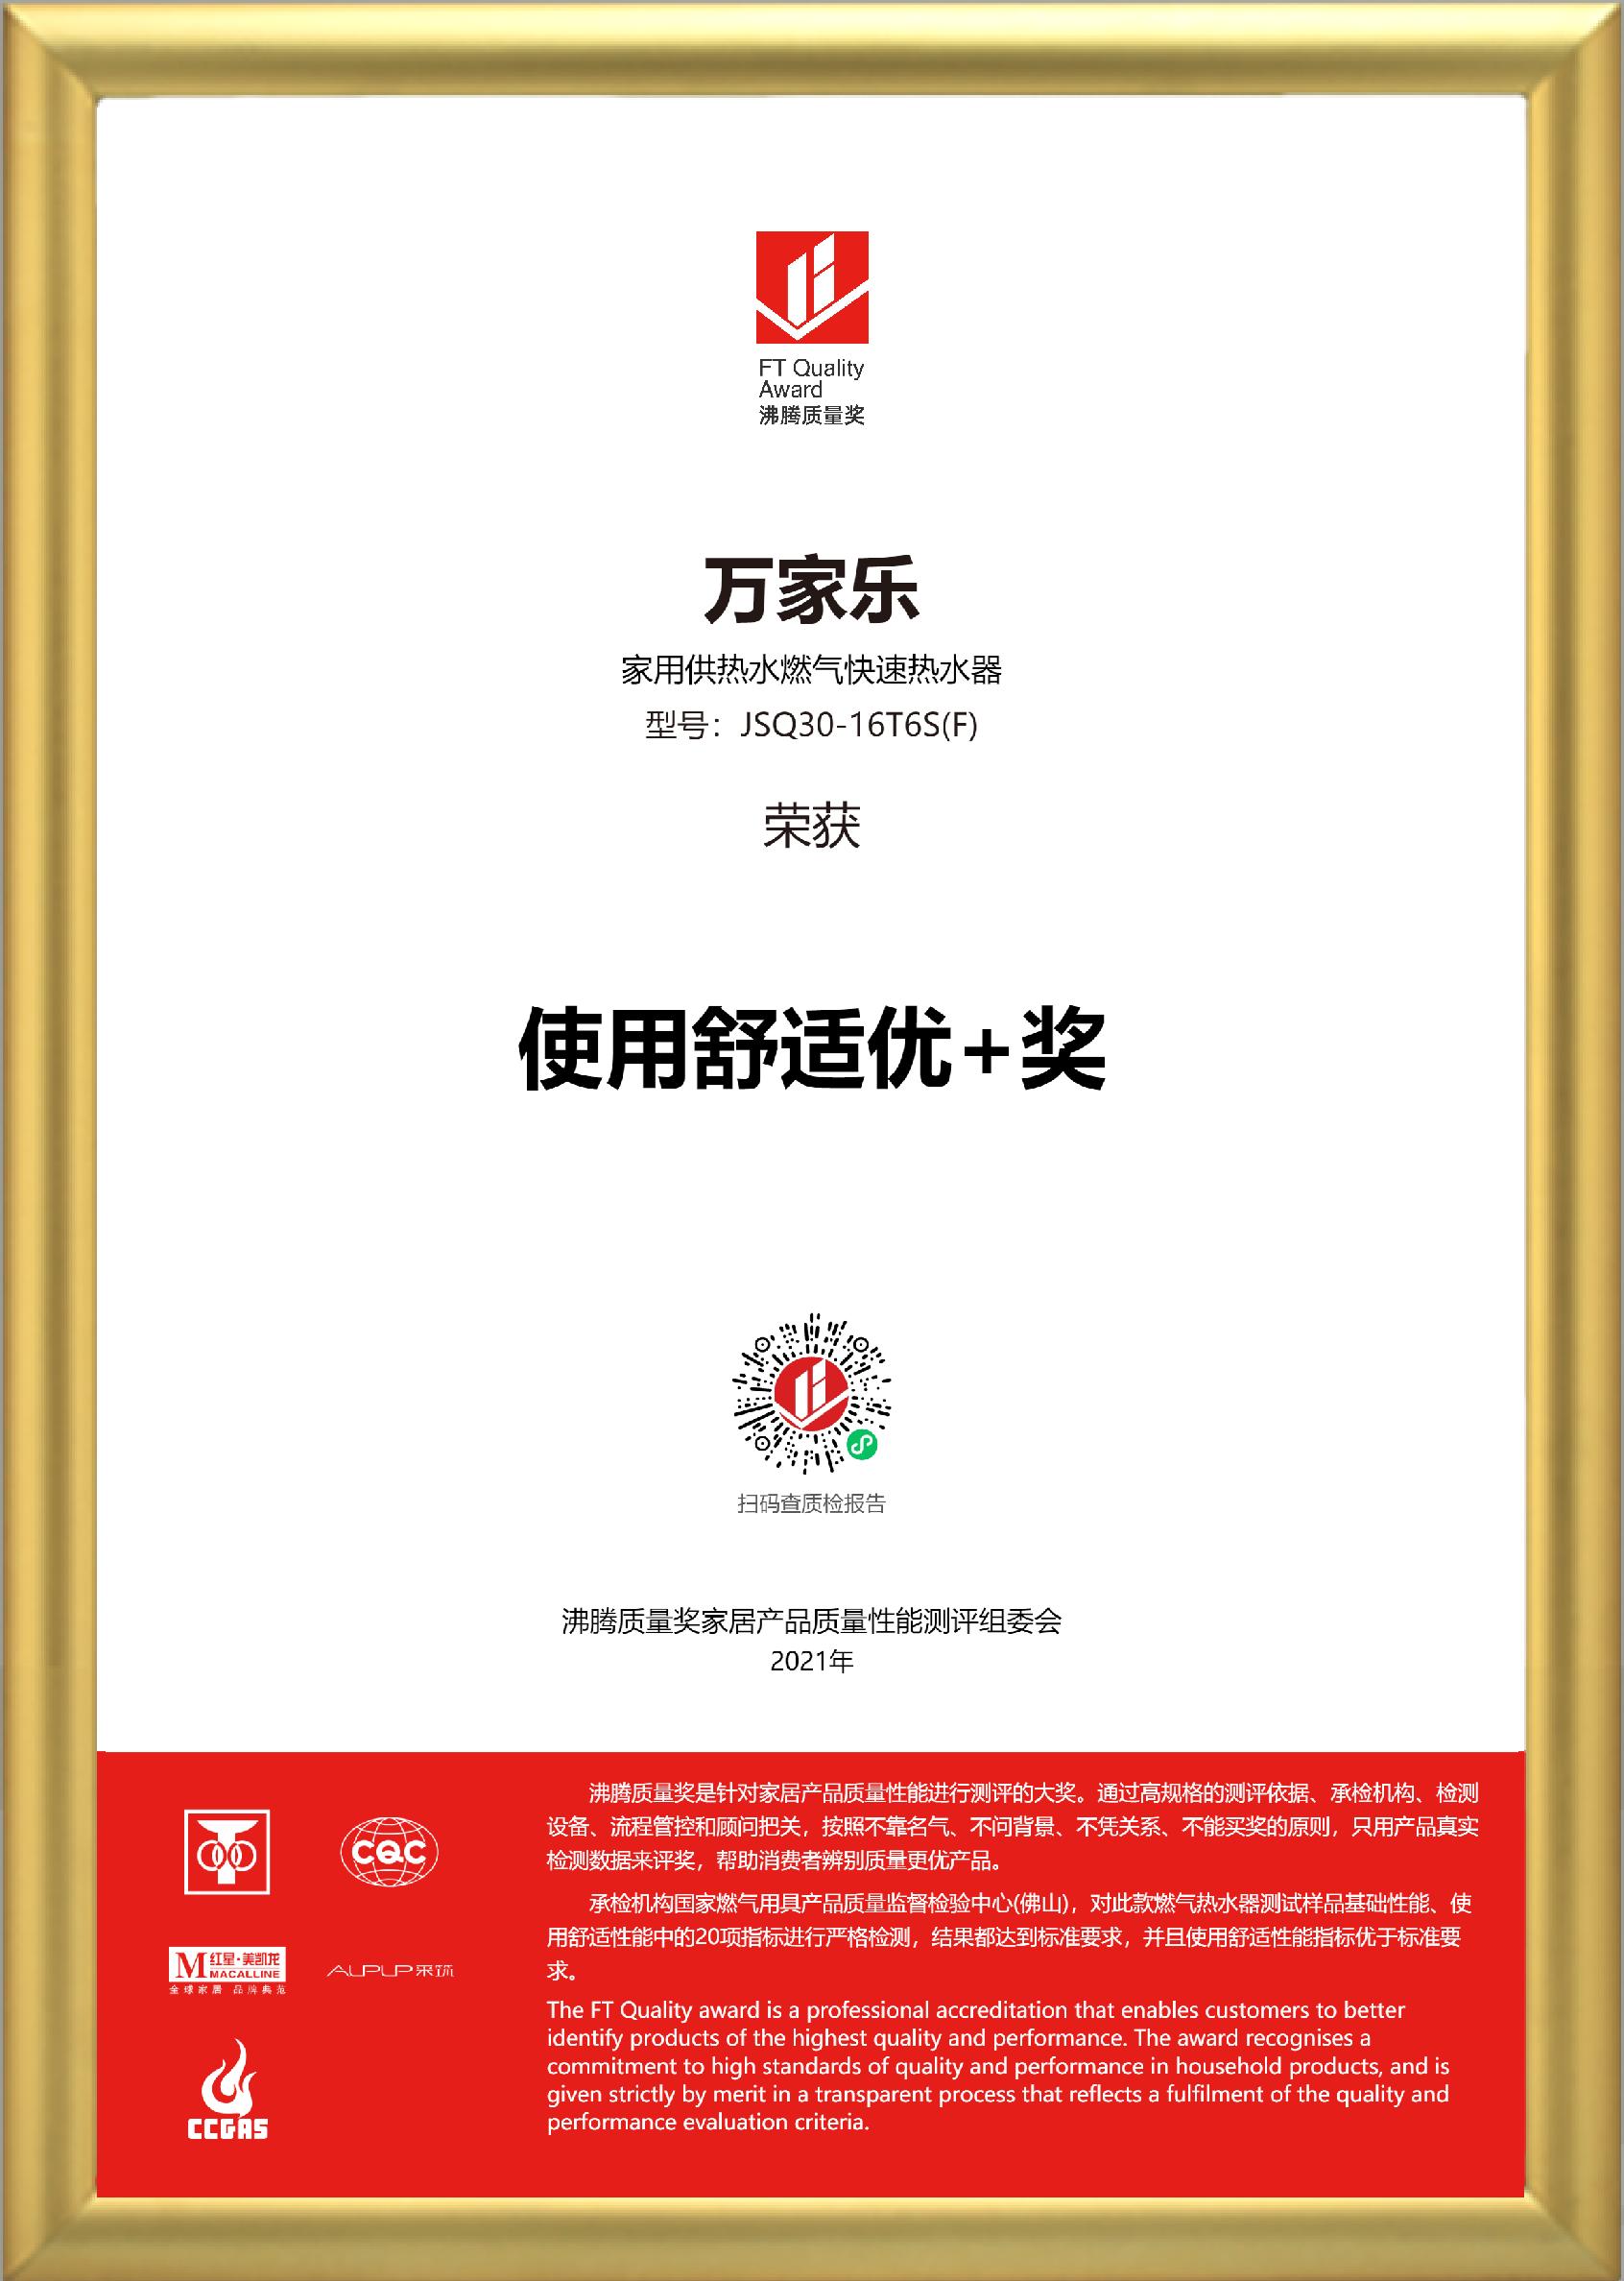 金框加持-获奖证书-万家乐-家用供热水燃气快速热水器-JSQ30-16T6S(F).png